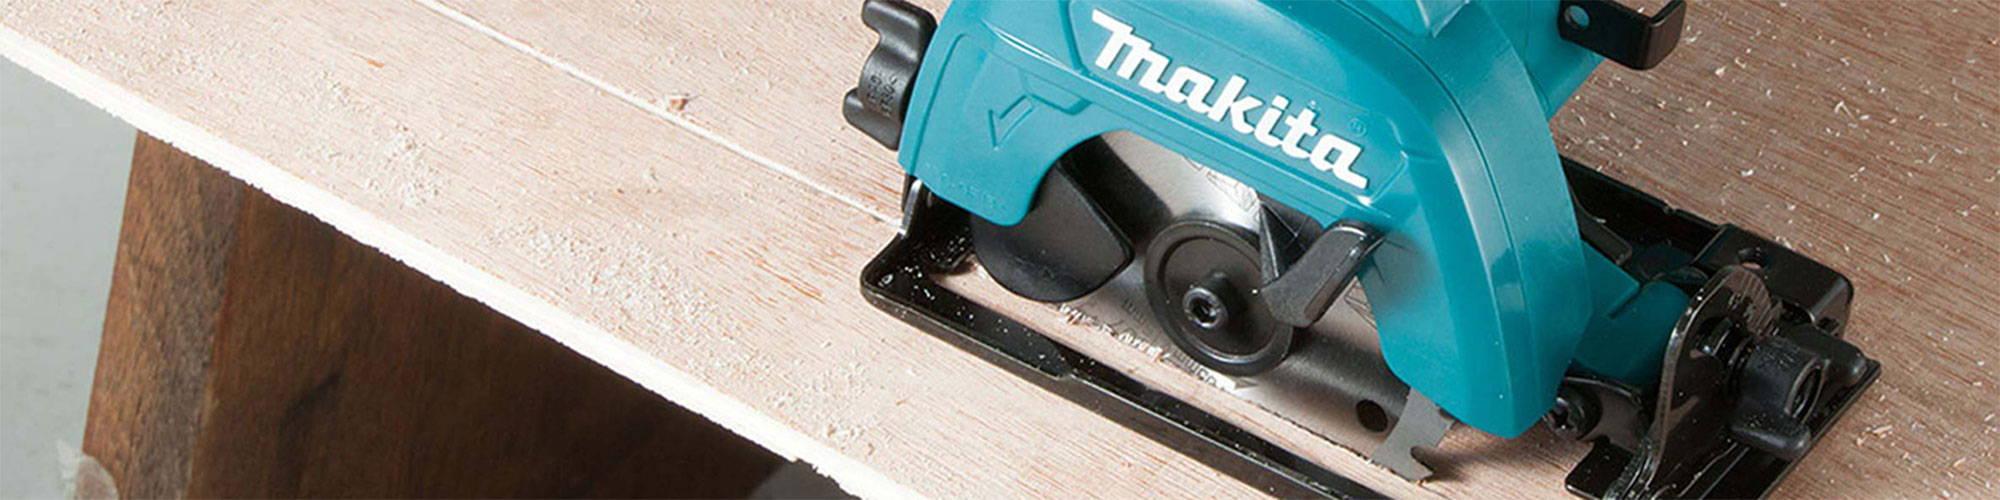 Makita HS300DZ Small Circular Saw Review